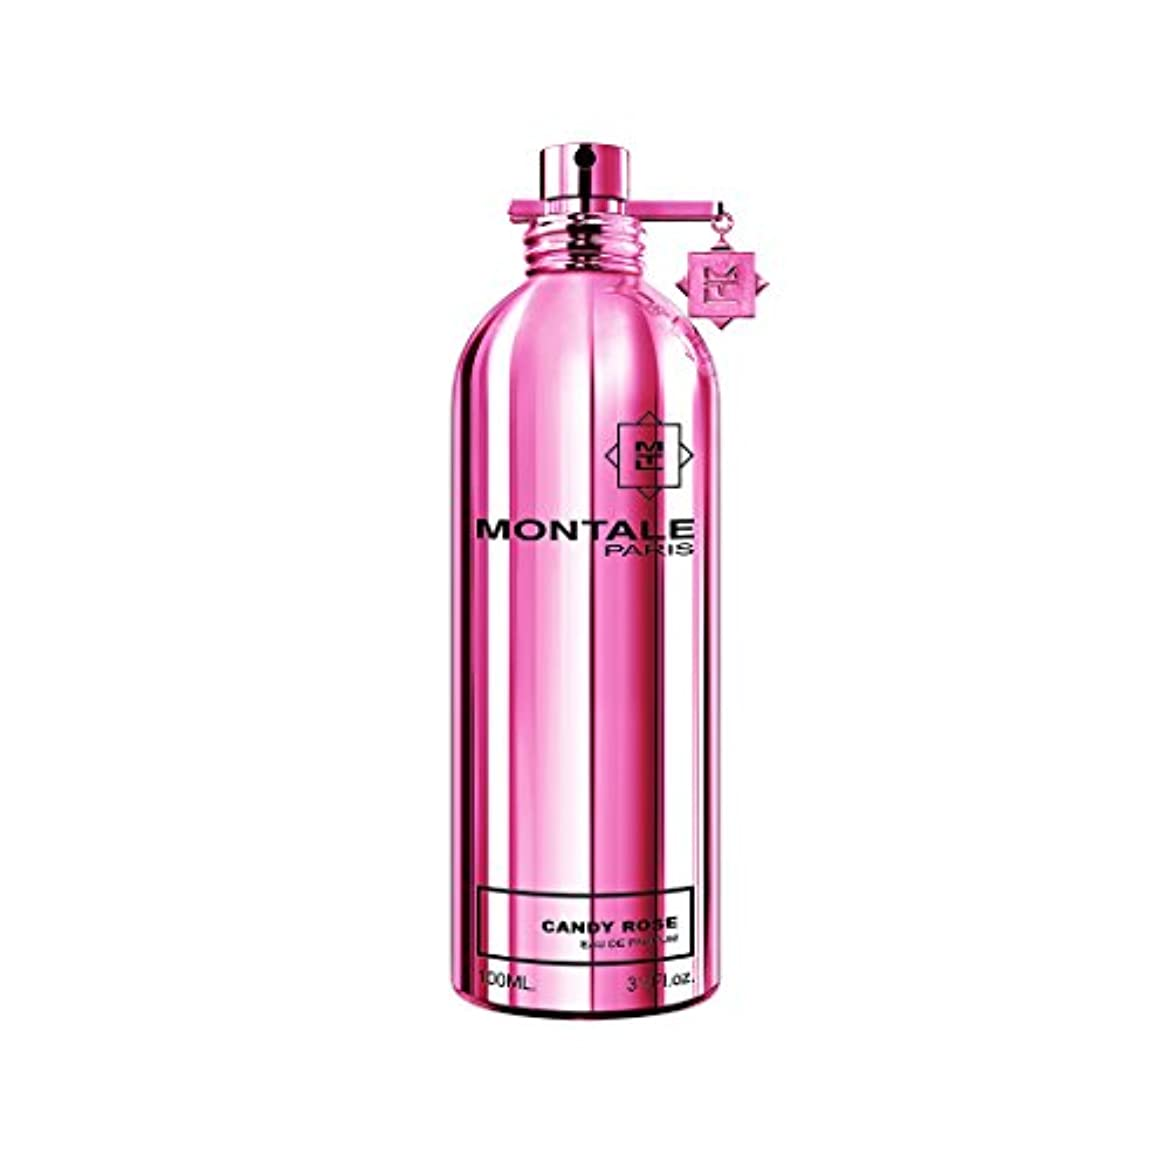 ありそう期間職人Montale Candy Rose by Montale Eau De Parfum Spray 3.4 oz / 100 ml (Women)